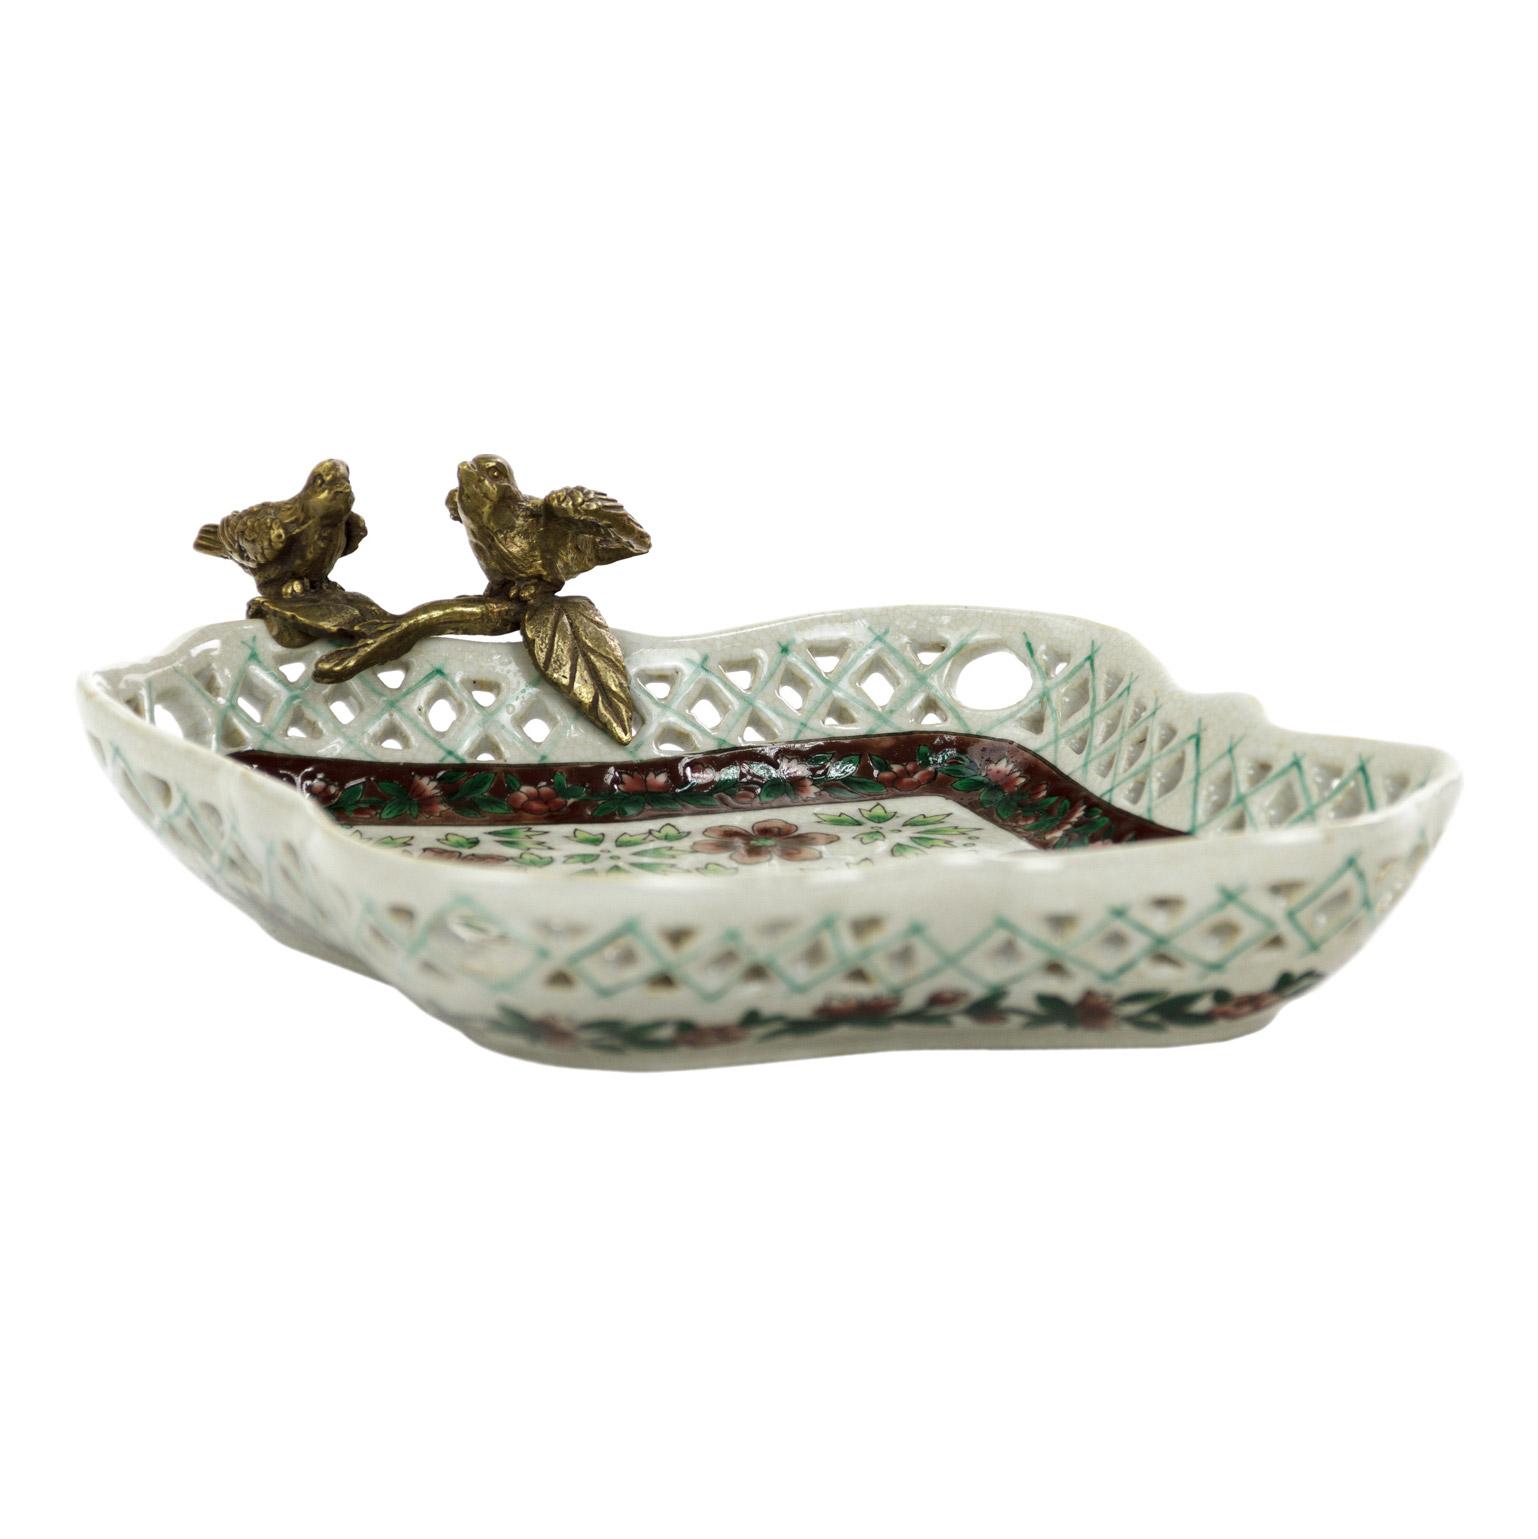 Блюдо Glasar фарфоровое с бронзовыми птичками 21,5x19x6см